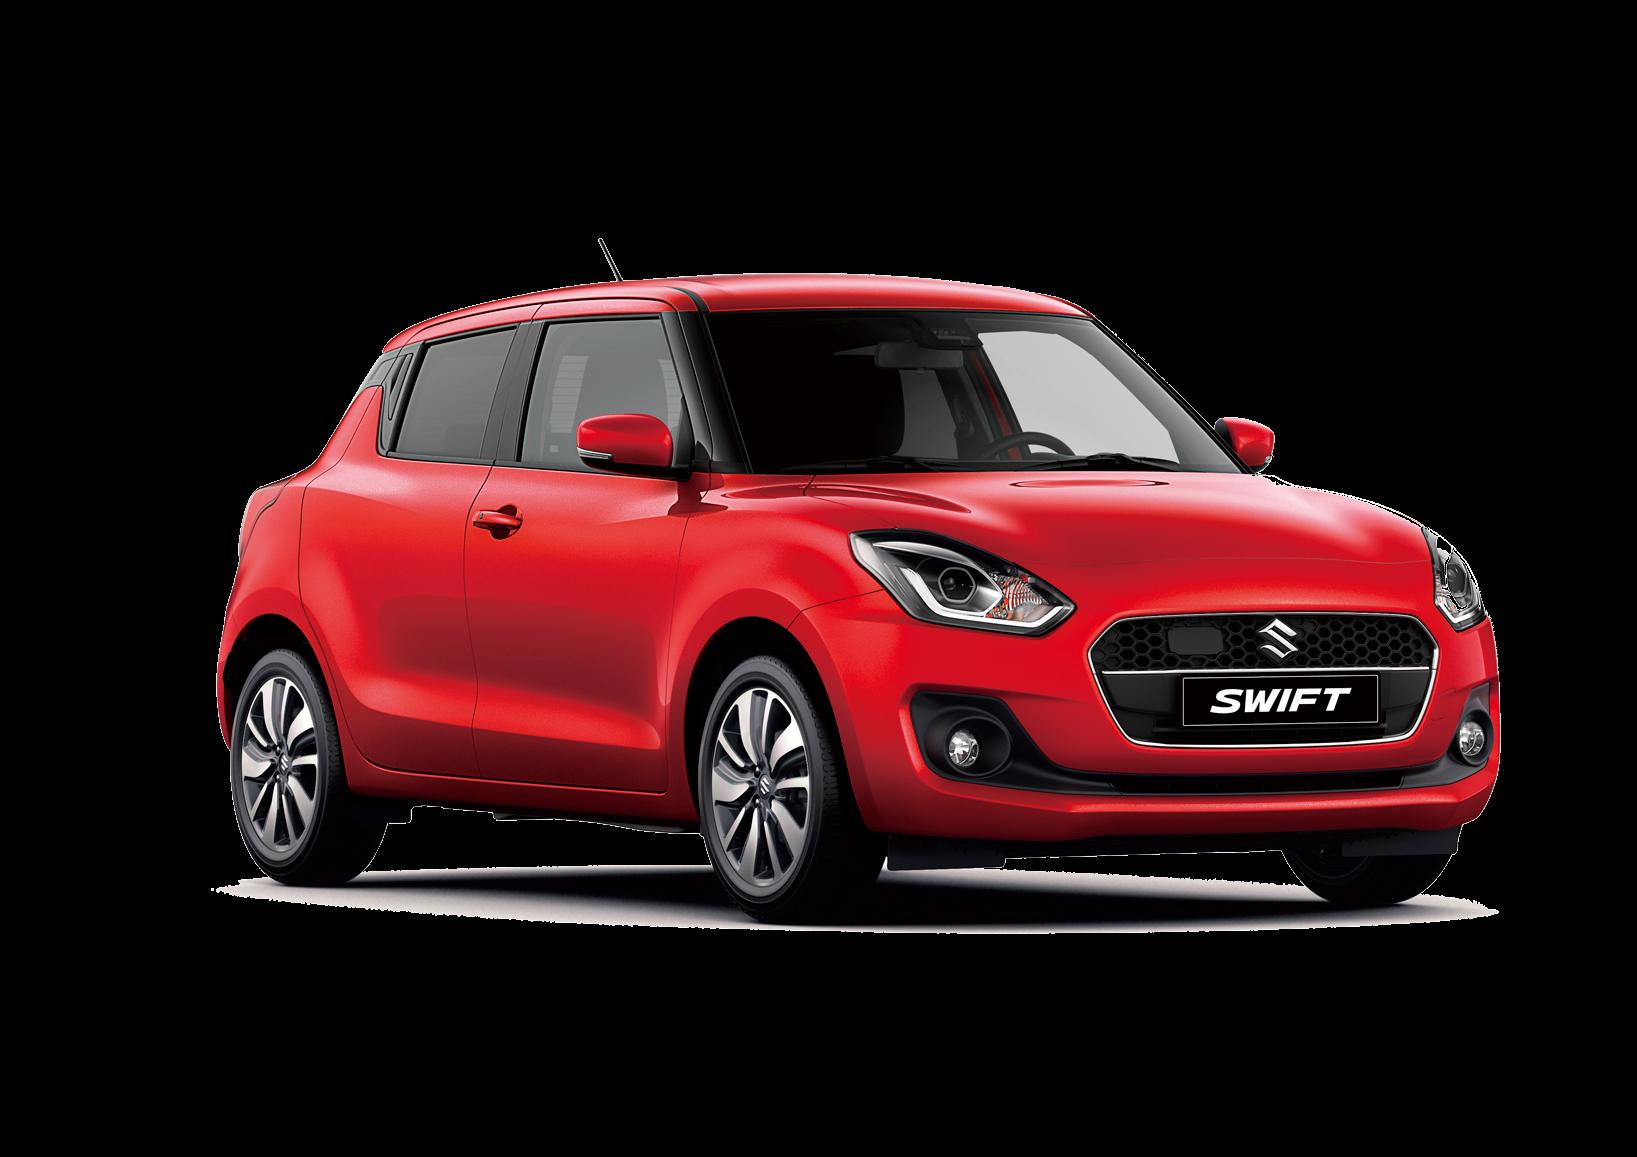 A red Suzuki Swift on a white background